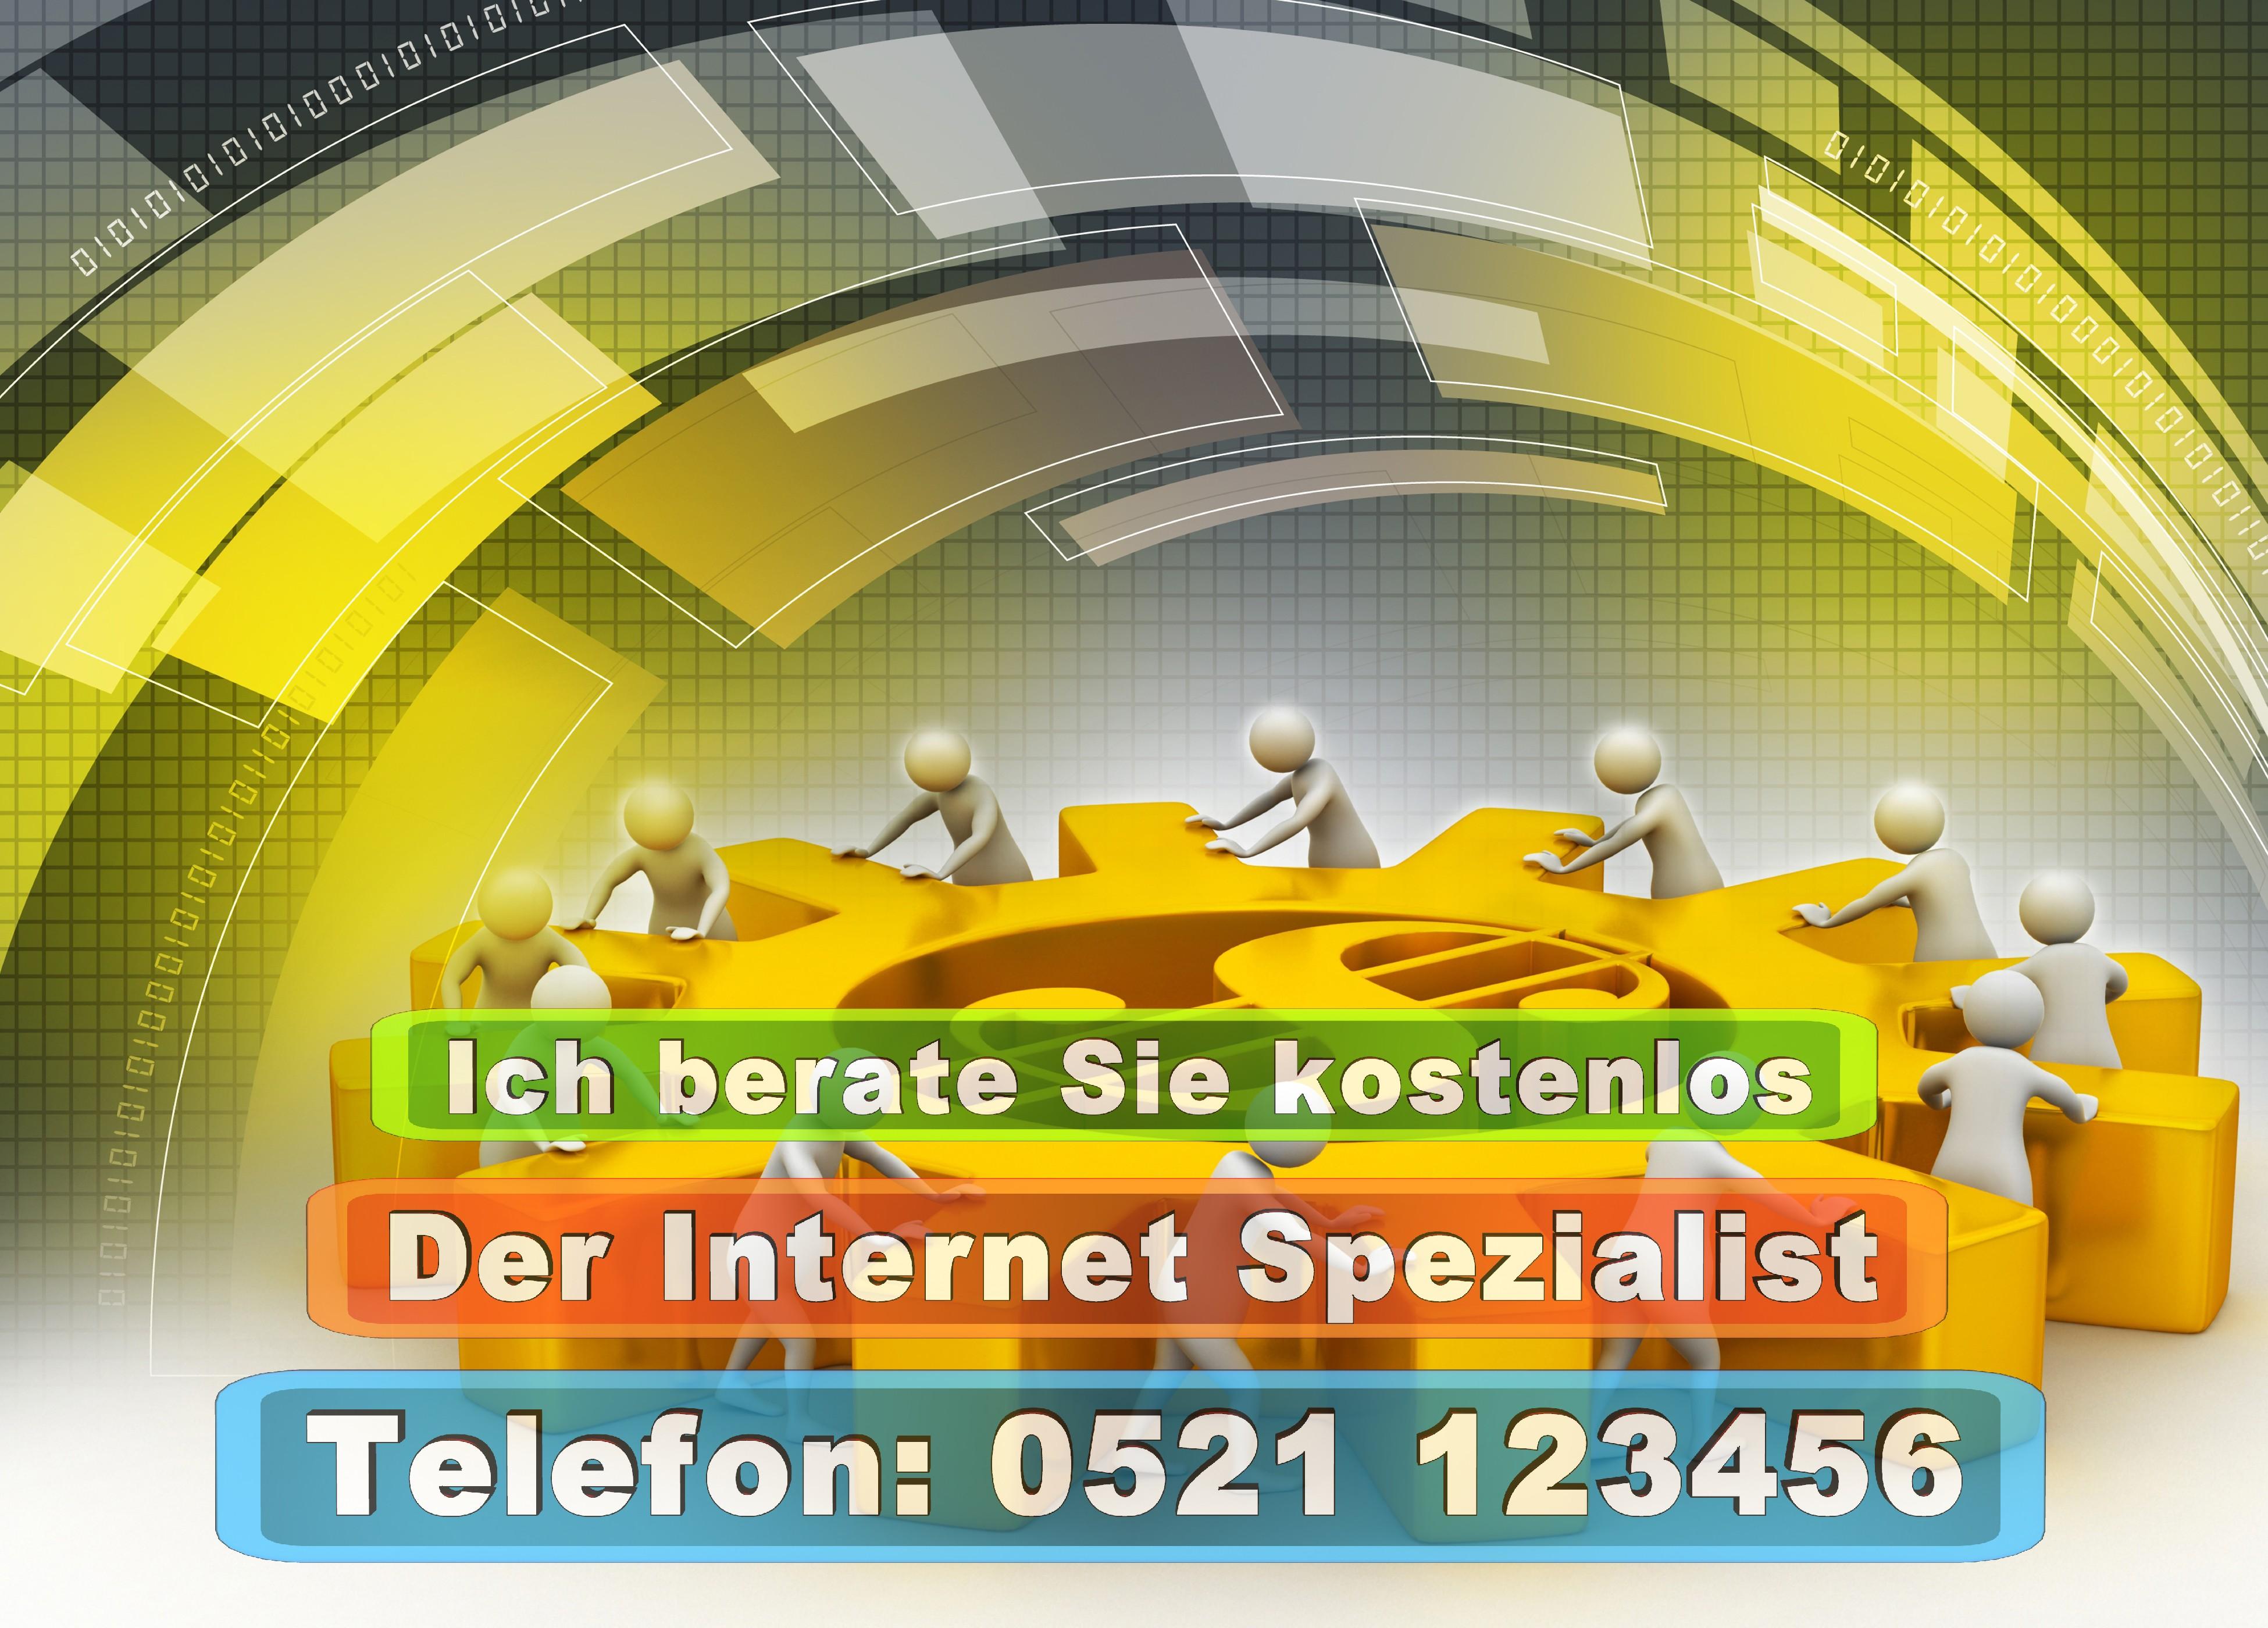 Werbeagentur Bielefeld Druckerei Bielefeld Prospekte Zeitung Visitenkarten Poster Werbung Print Presse Druck Fotografie Fotos Internet (50)